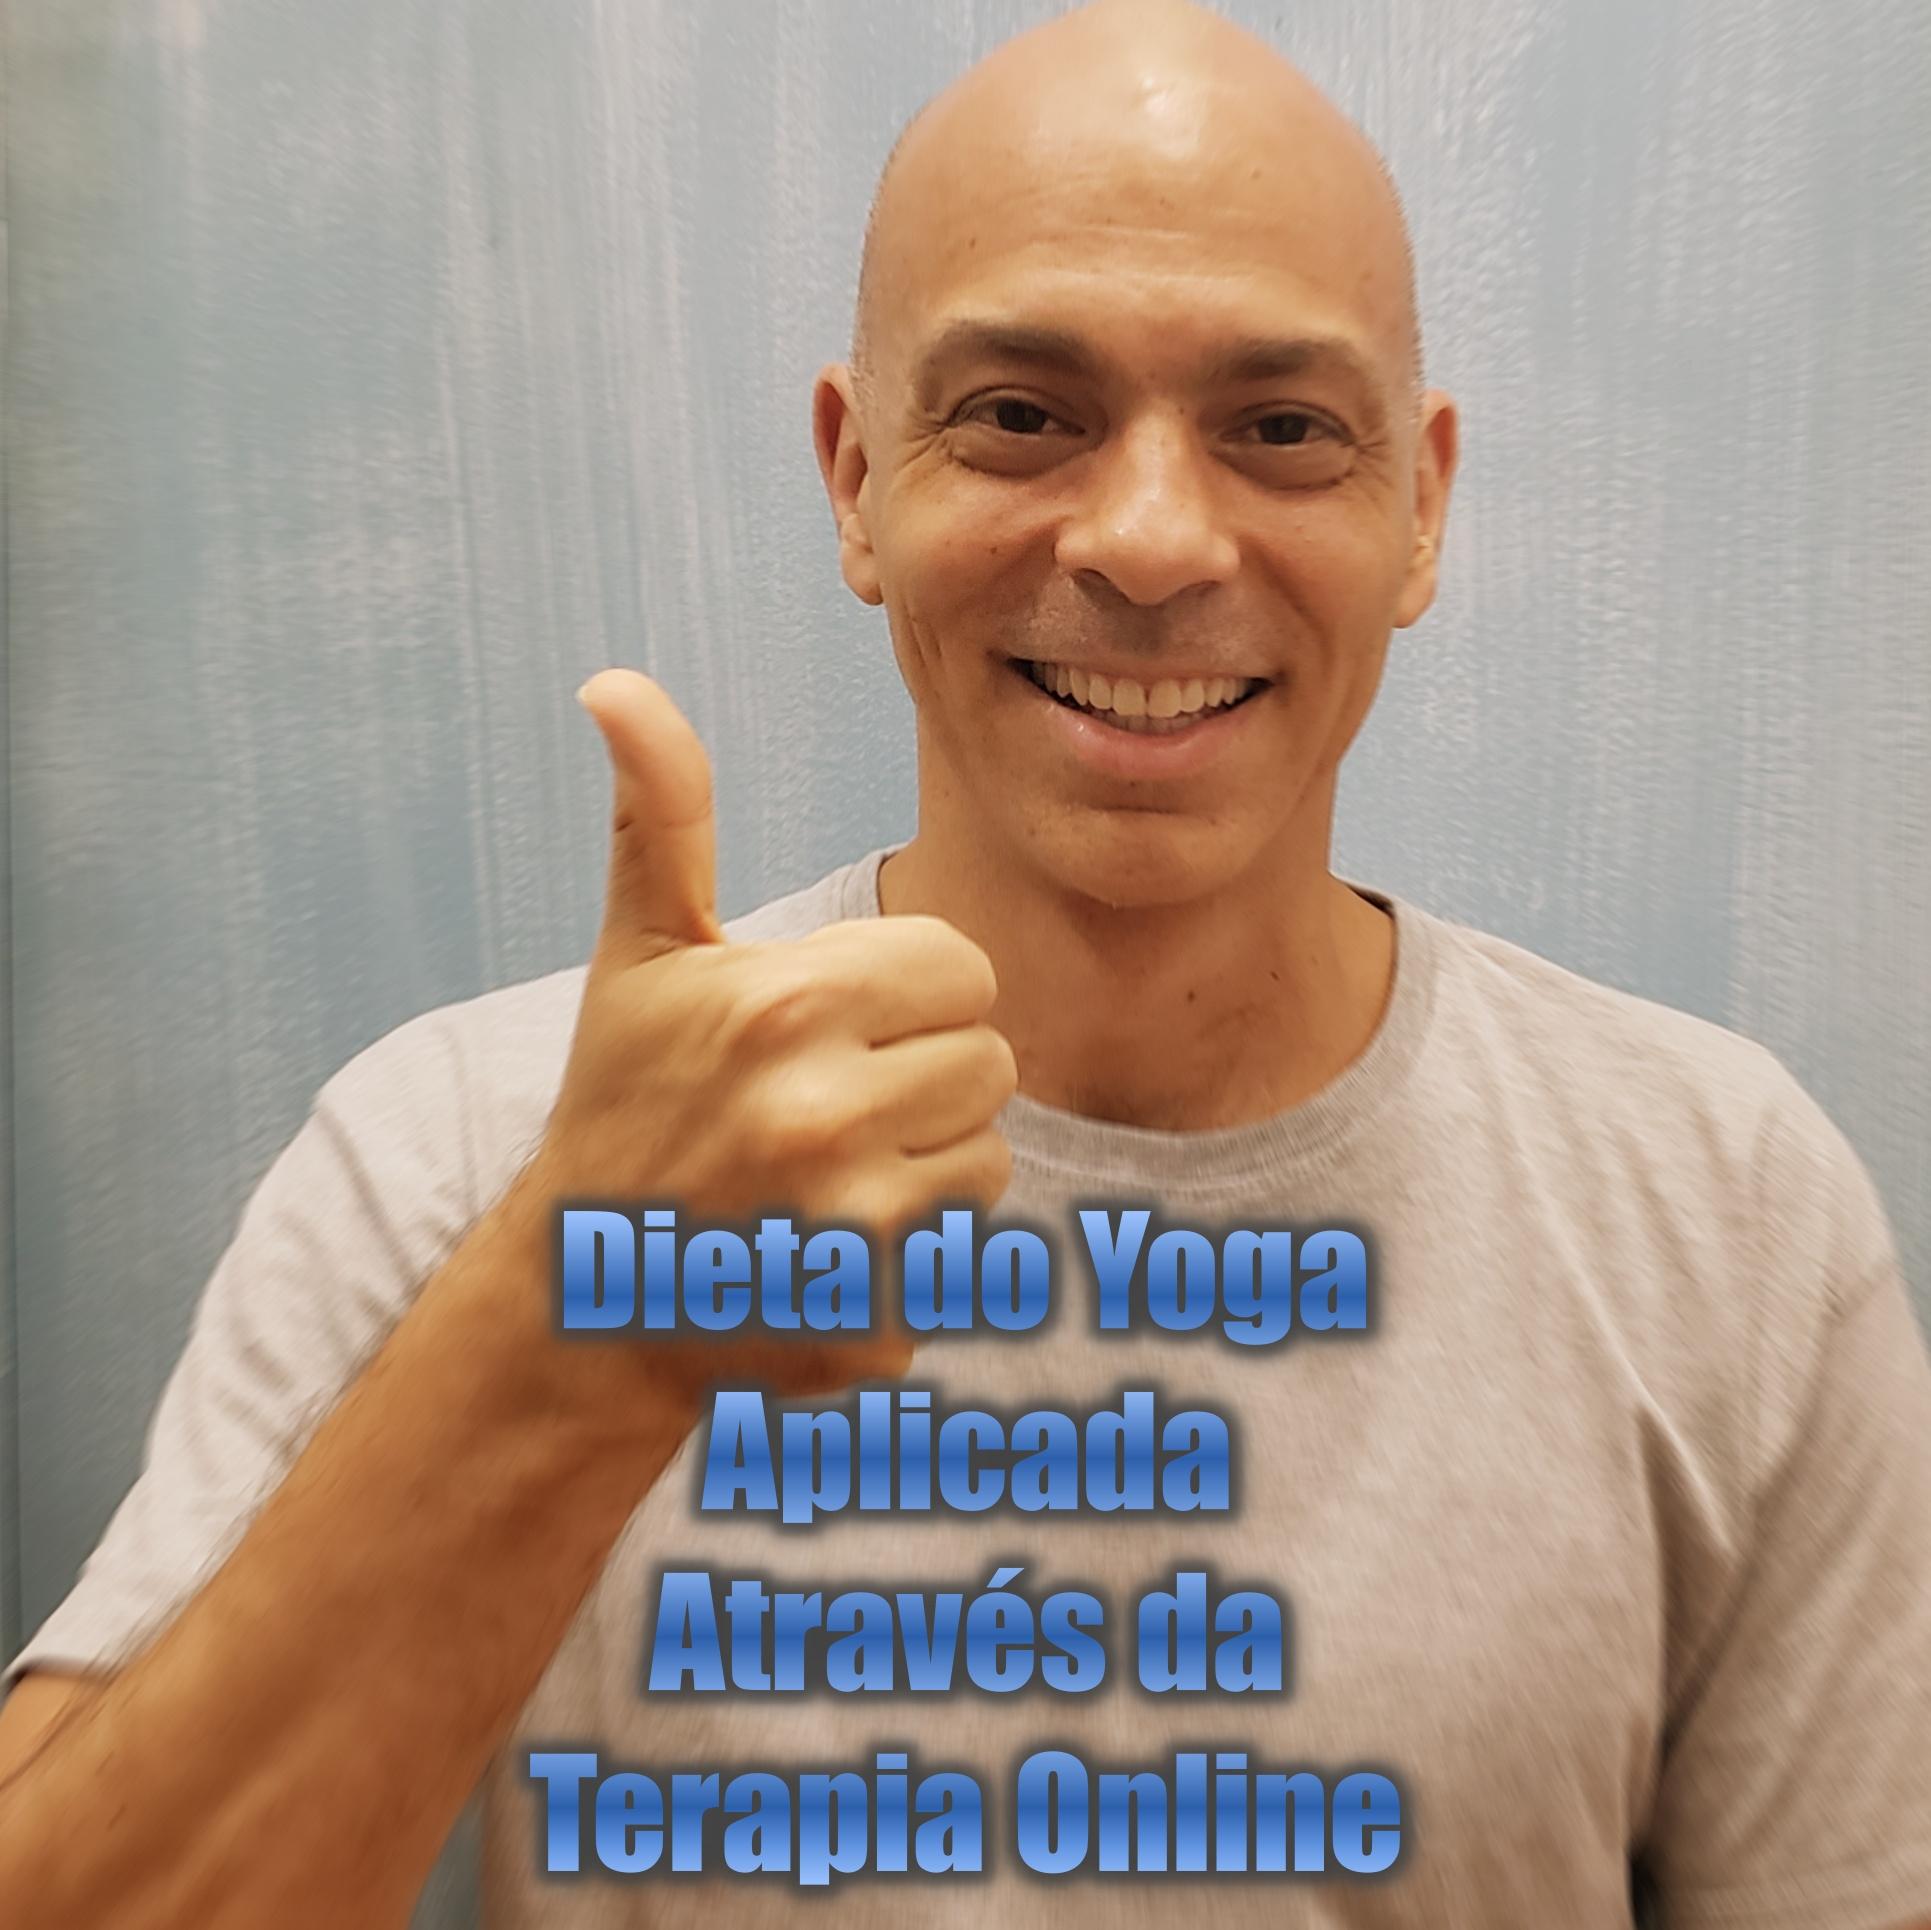 A Dieta do Yoga através da Terapia Online